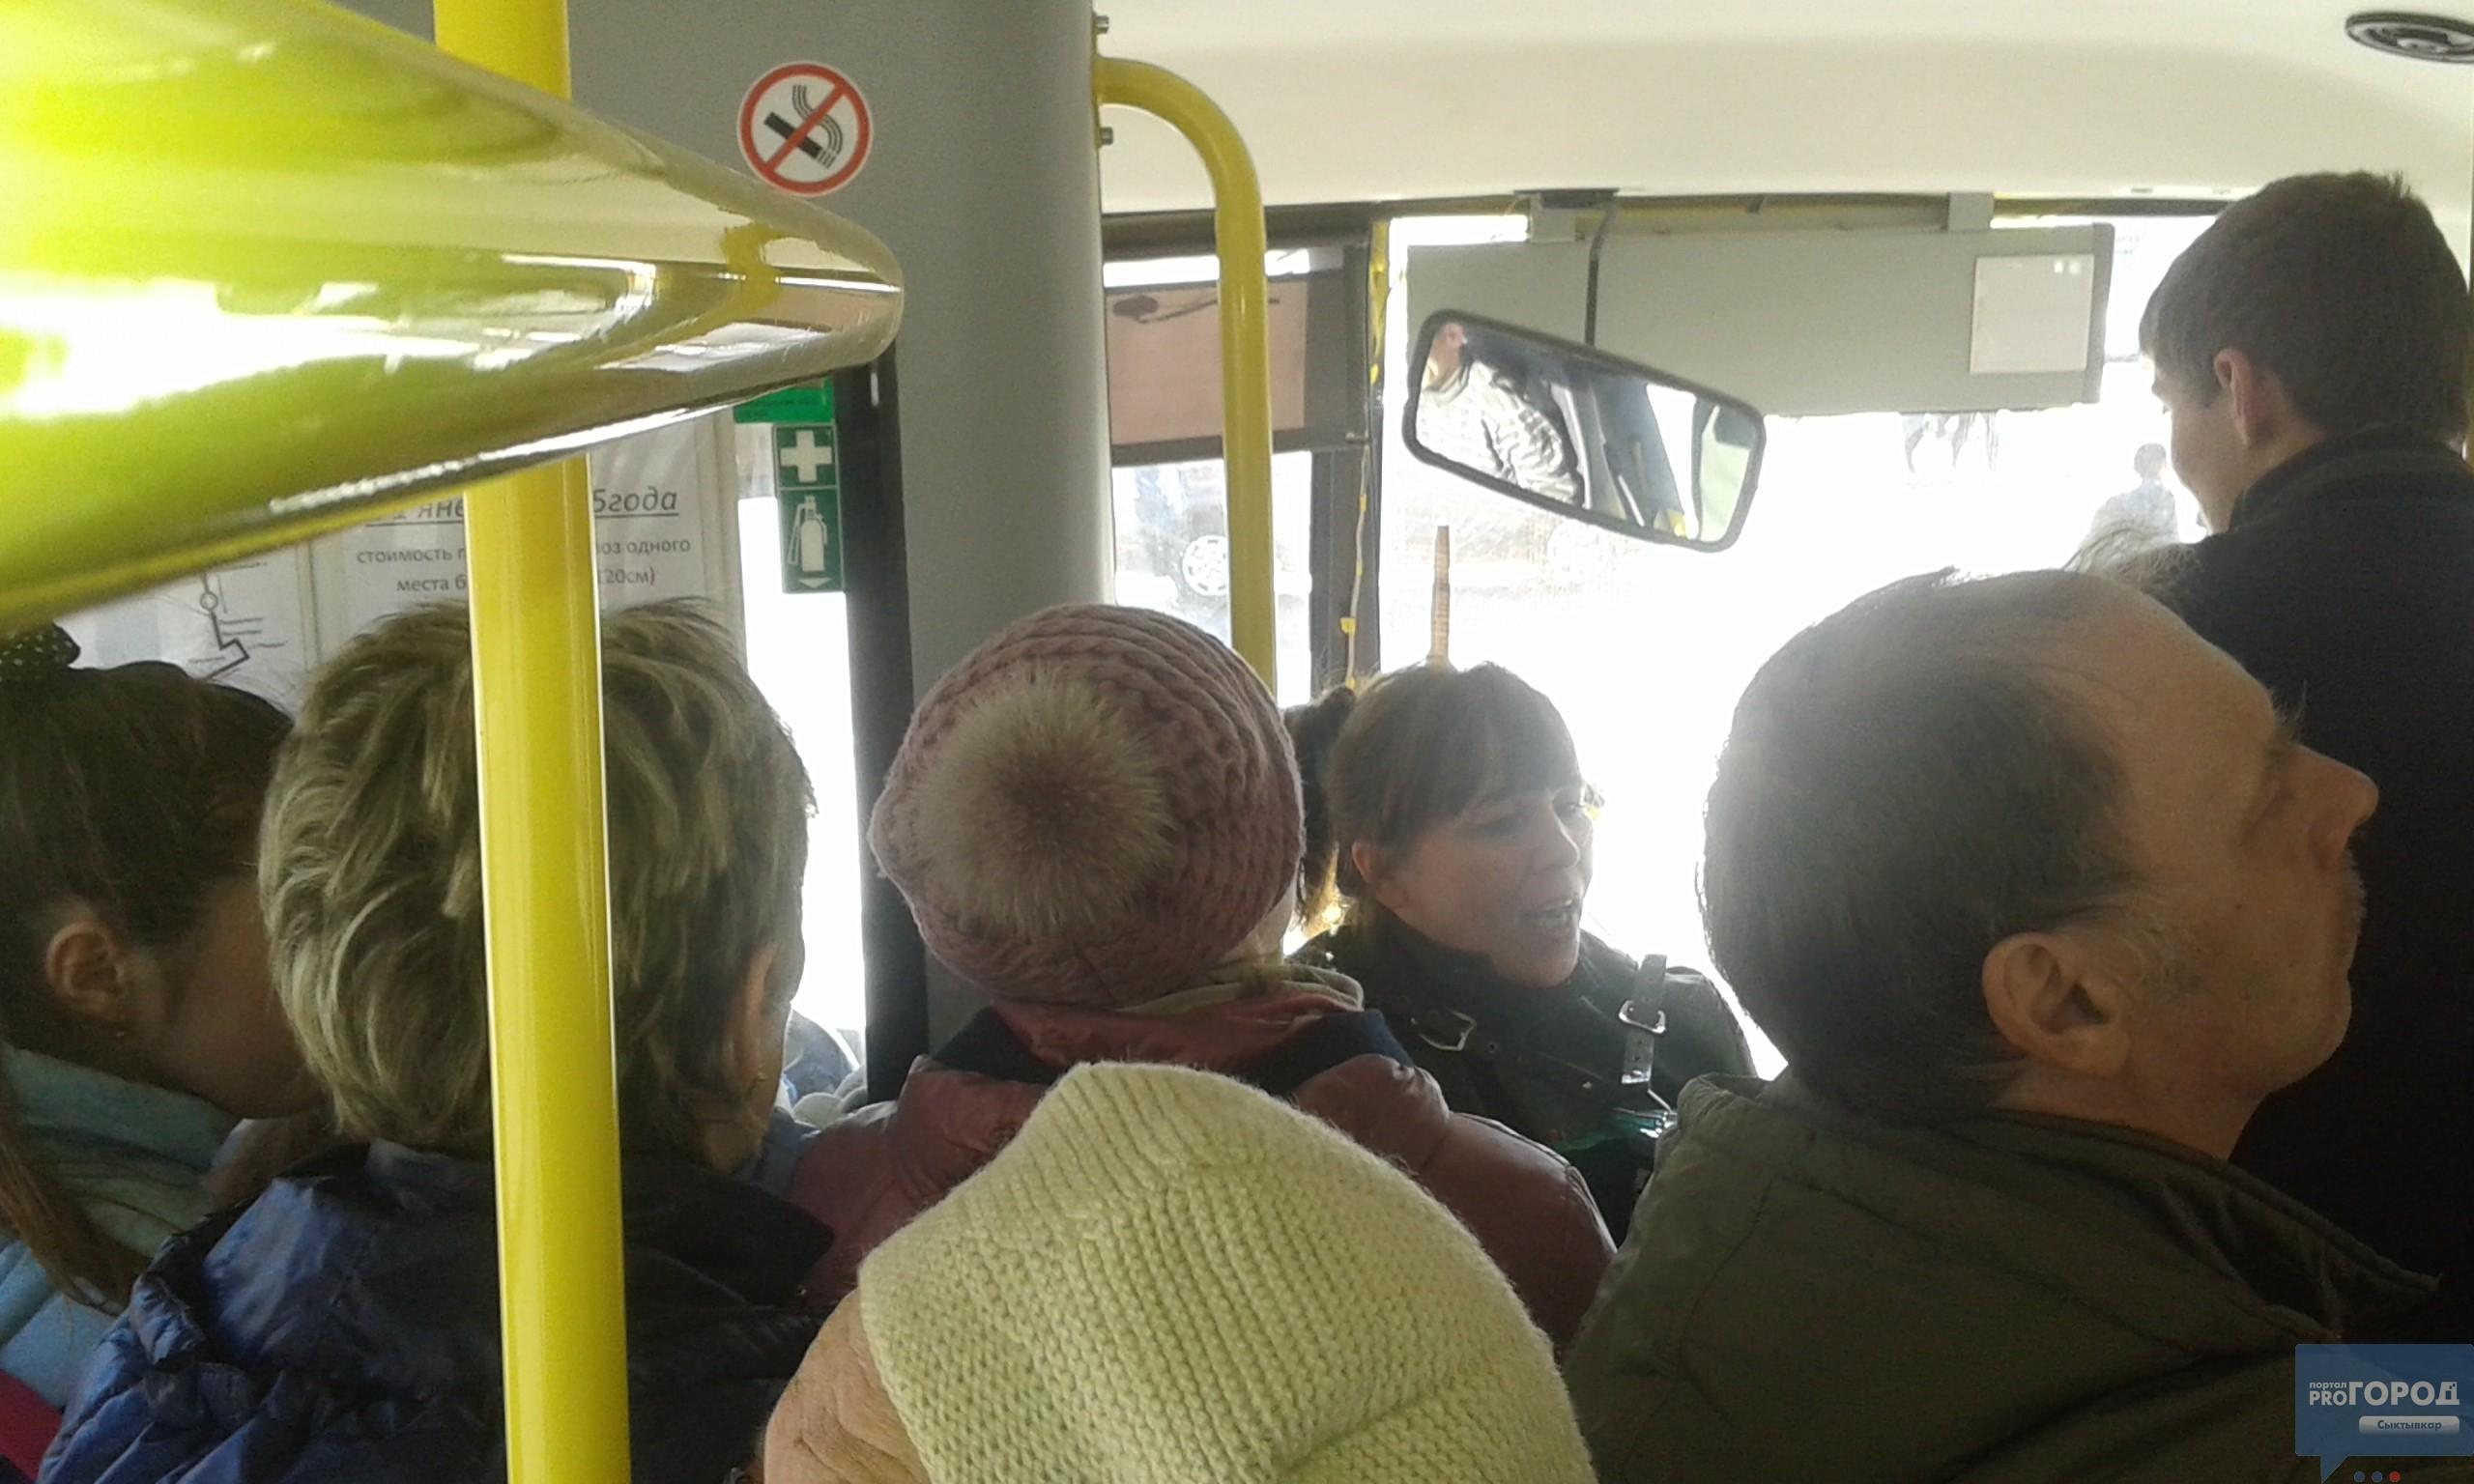 Статьи про секс в автобусе когда много народа 7 фотография